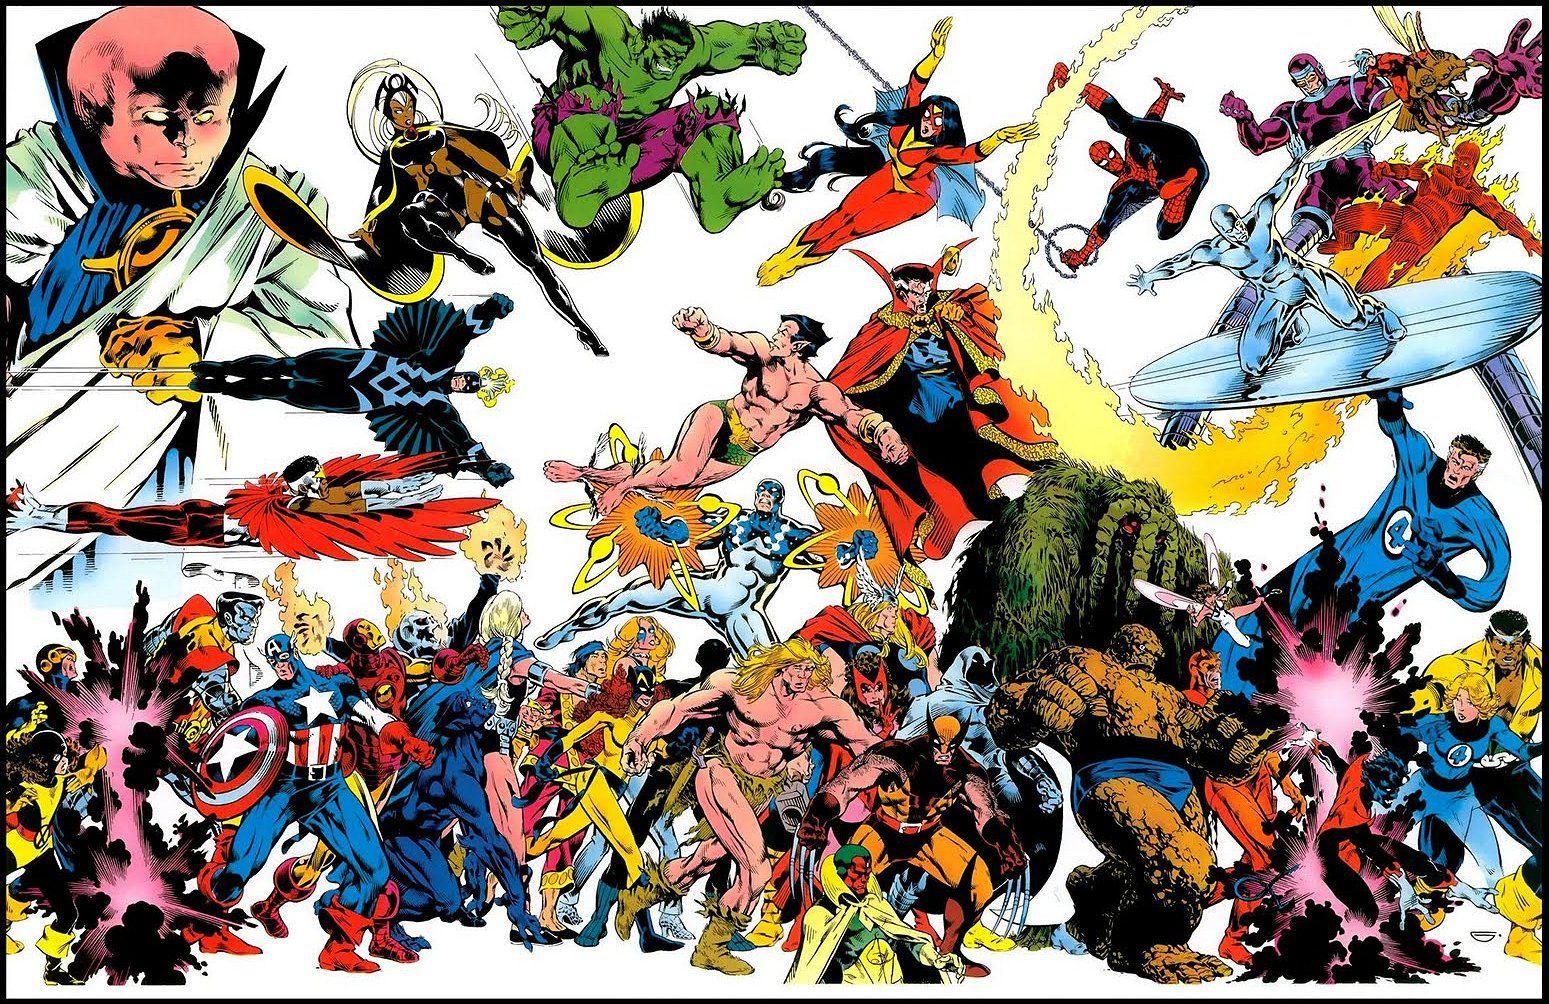 Fantastic Wallpaper Marvel Secret Wars - 41d6d80a85834626e67f7668863a0c08  You Should Have_39192.jpg